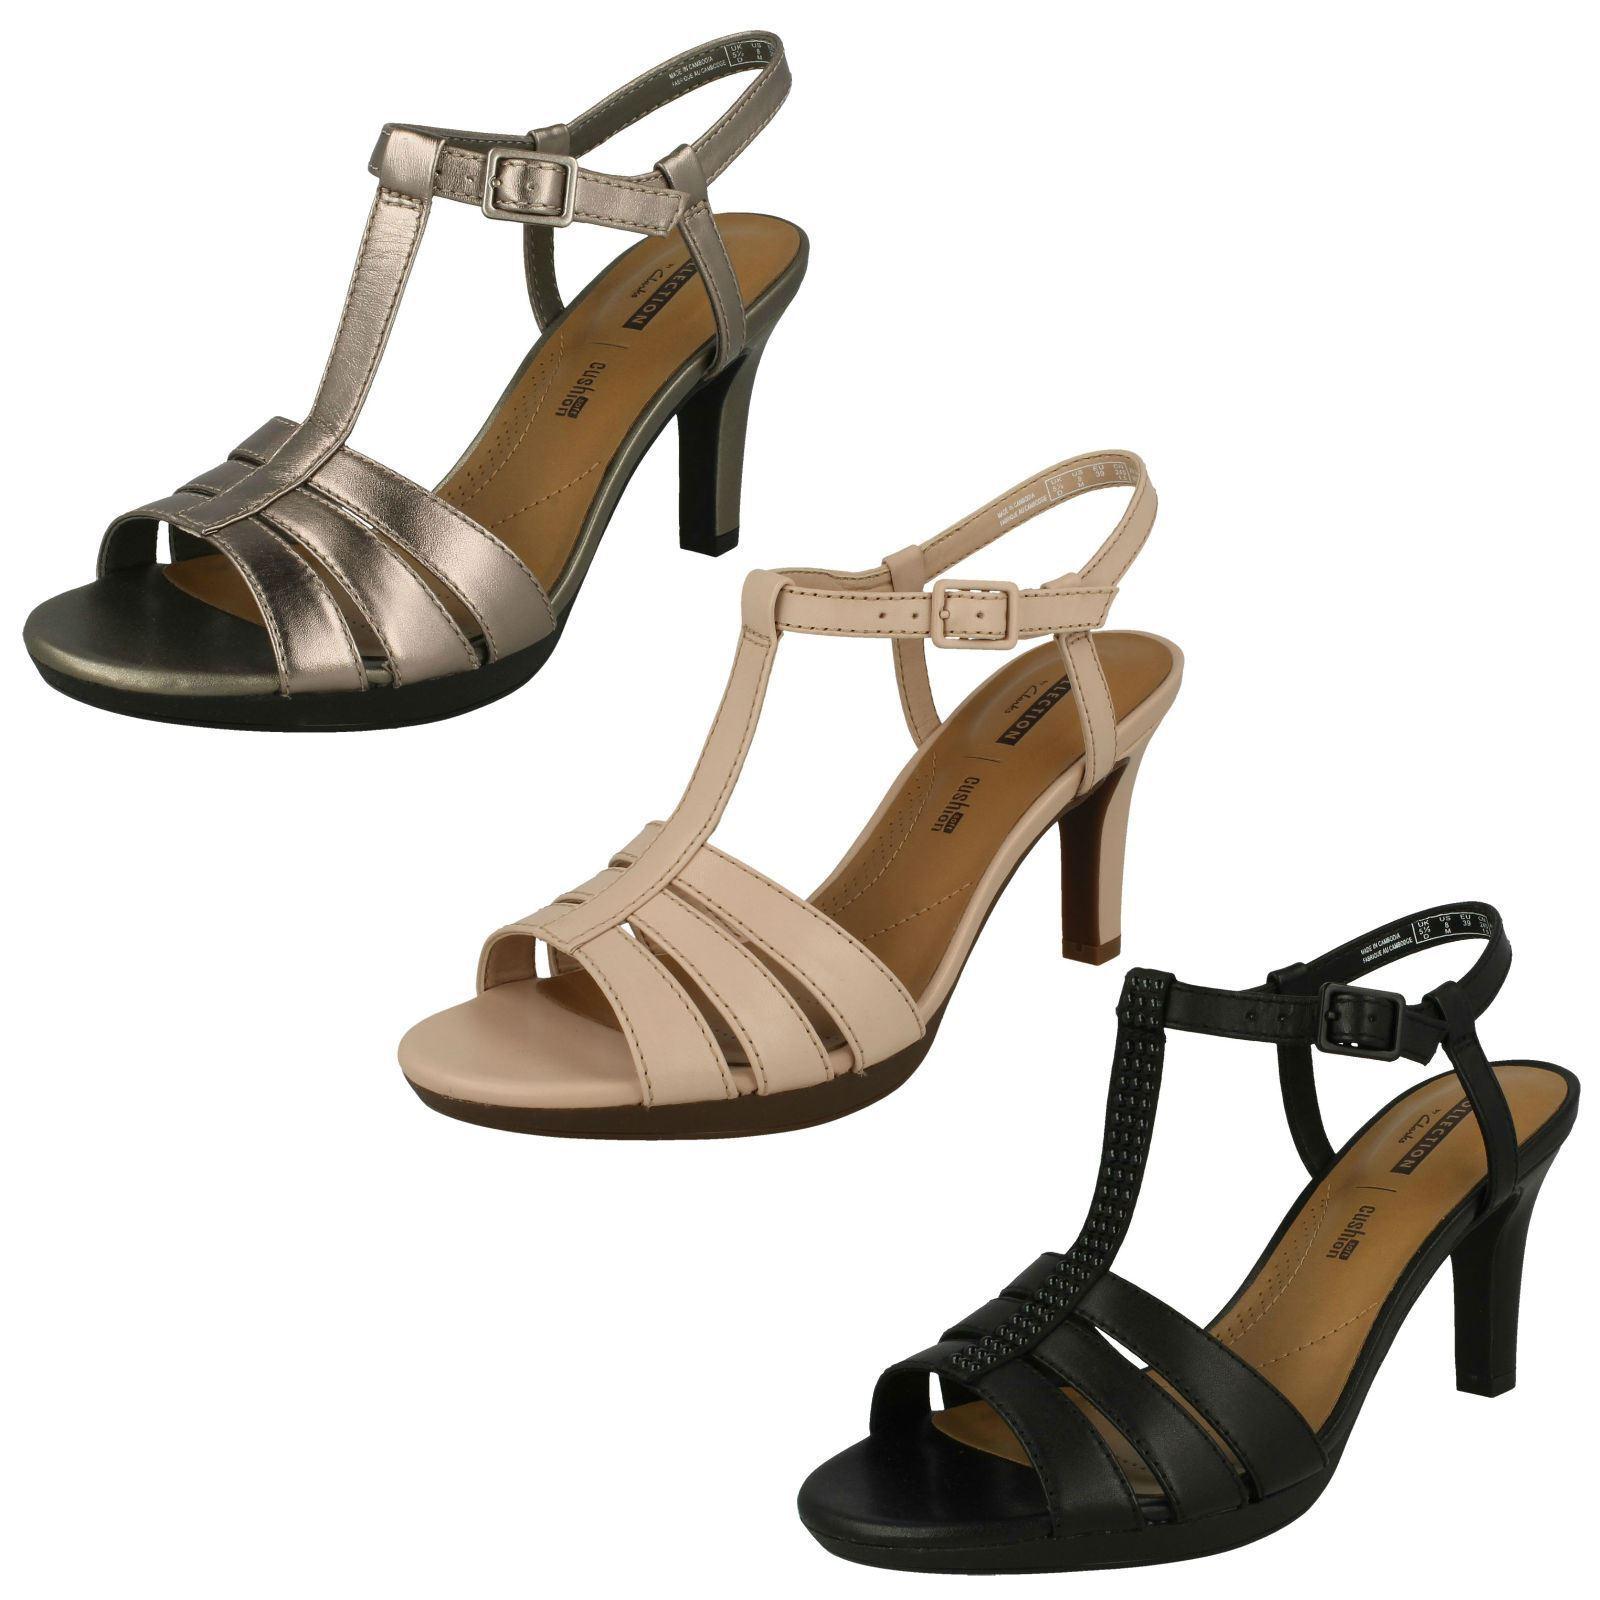 Femmes Clarks Slingback Sandals-ADRIEL Tevis